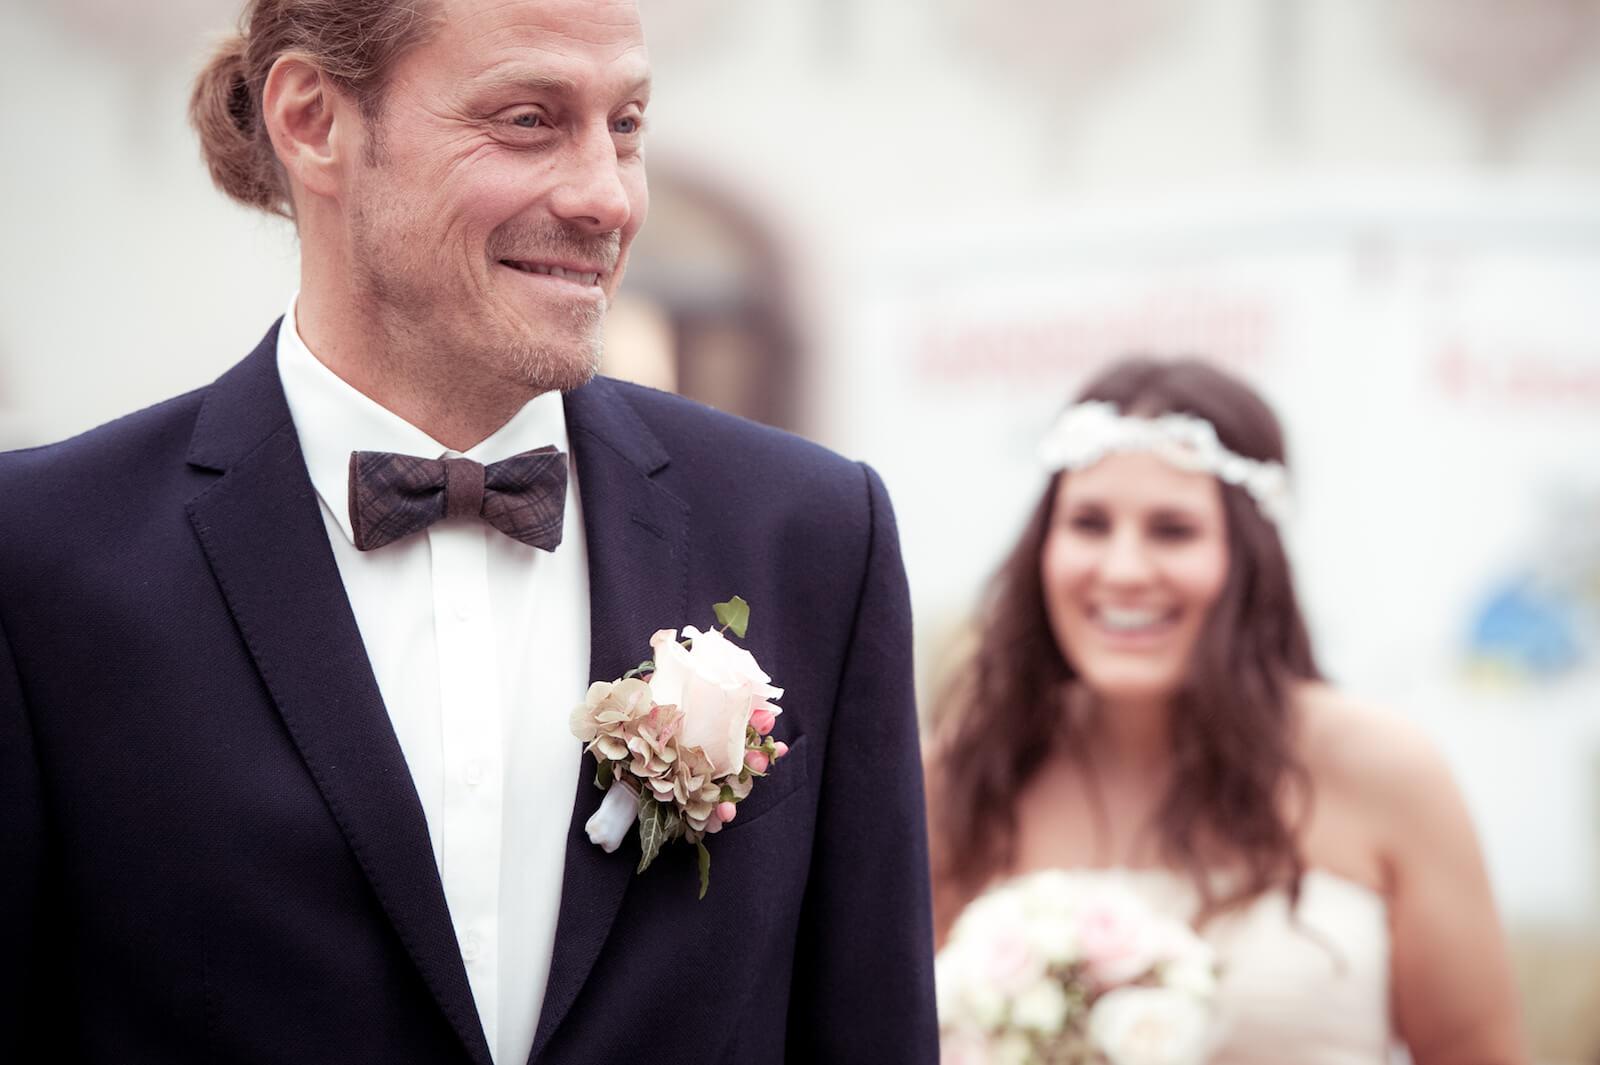 Hochzeit Bohostyle Landsberg - first look, der Bräutigam erwartet die Braut